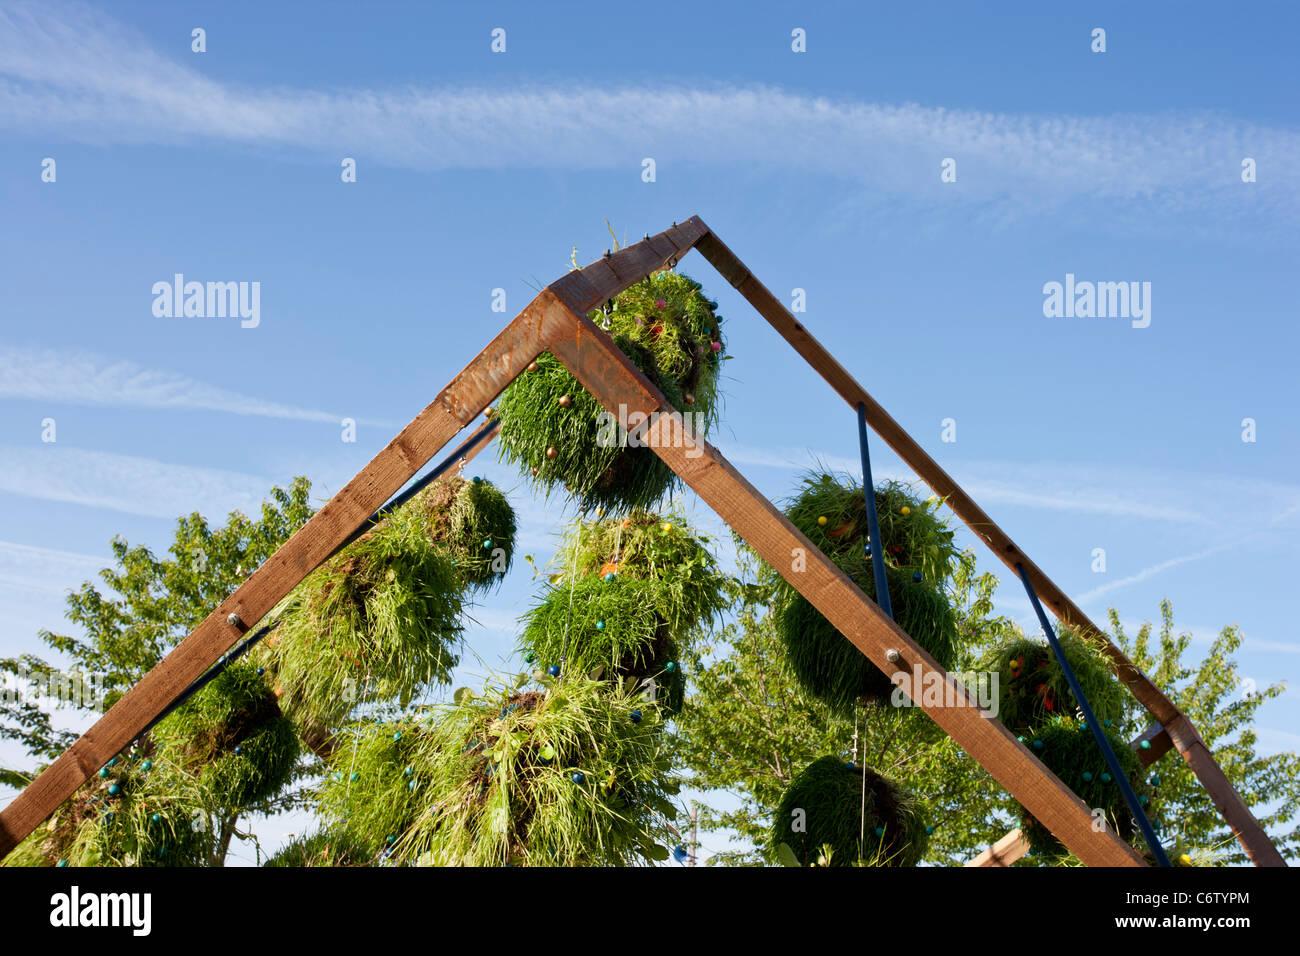 """Vergeben Silber Flora """"auf der Suche nach dem Kern der Sache"""" Malvern Frühling Gartenarbeit Show Stockbild"""